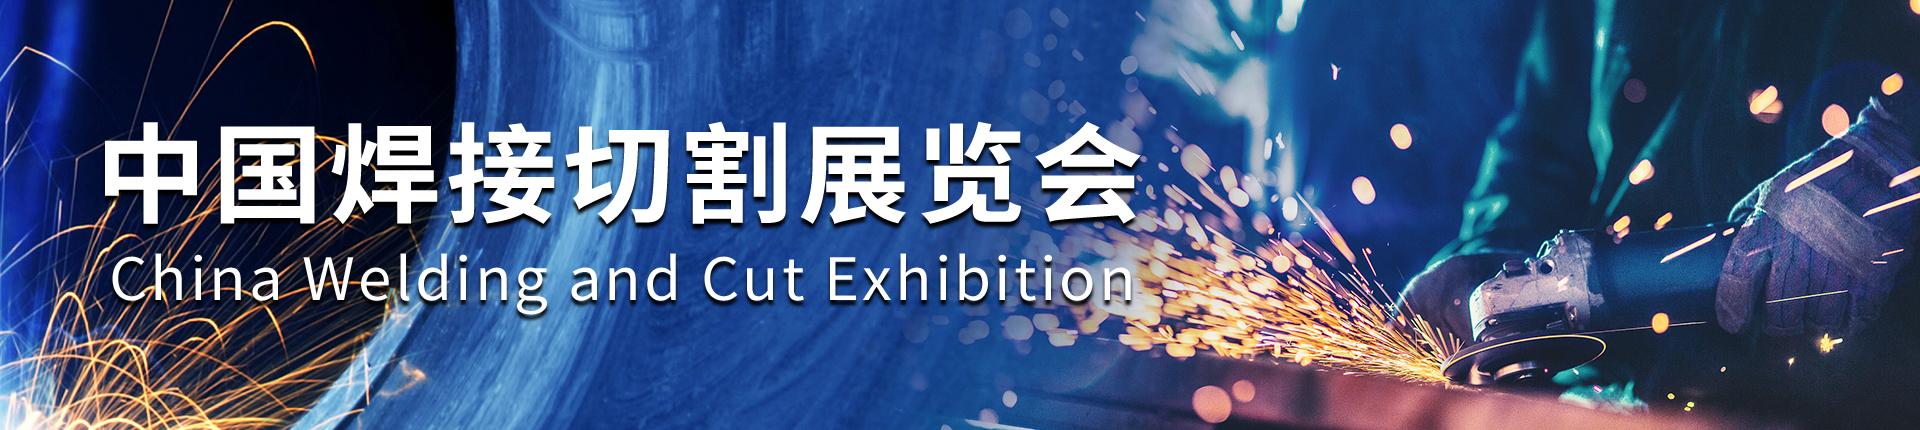 云展·中国焊接切割展览会